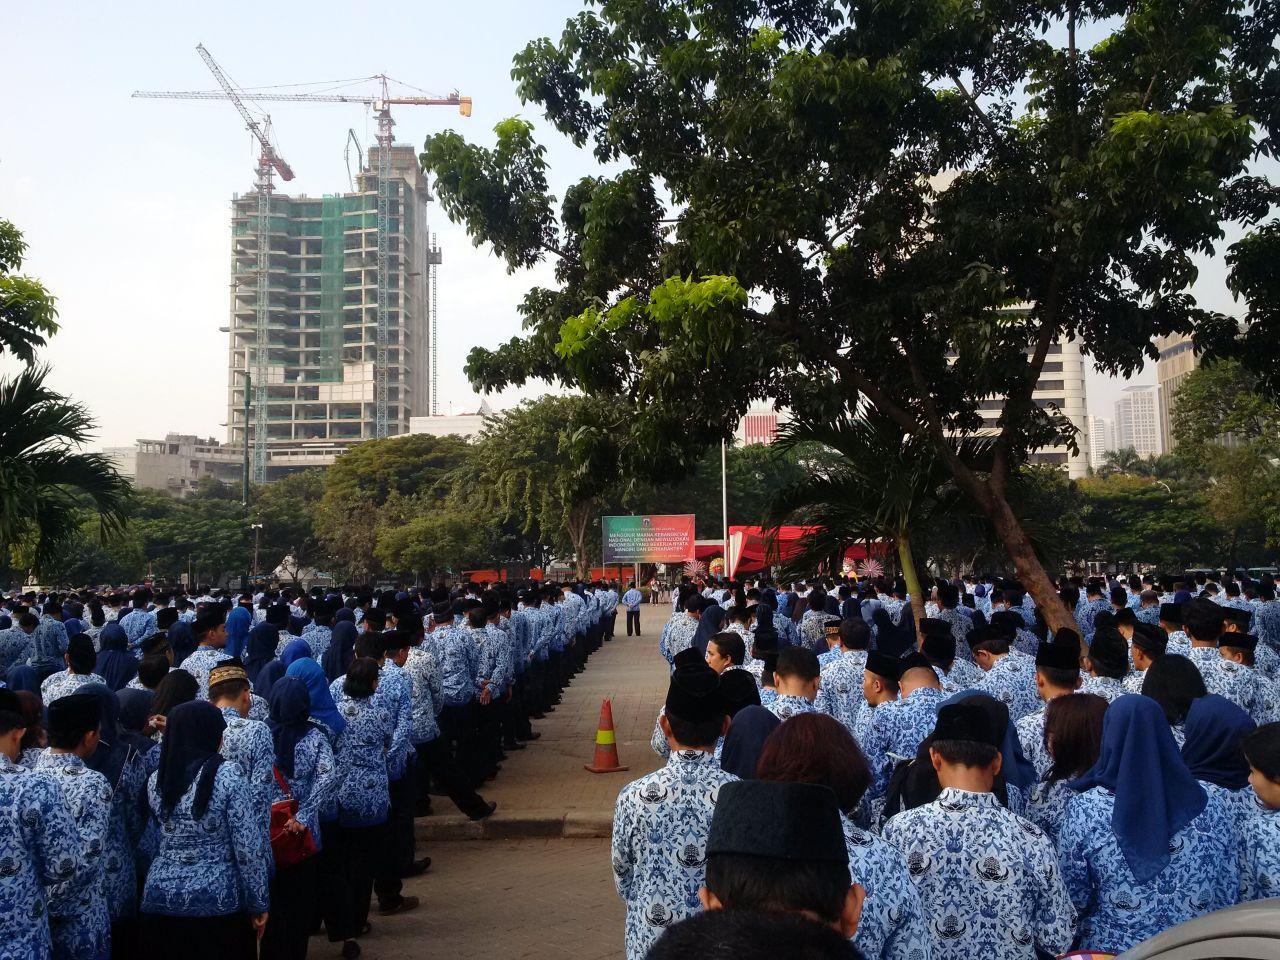 Upacara Hari Kebangkitan Nasional 2016 Pemprov DKI Jakarta